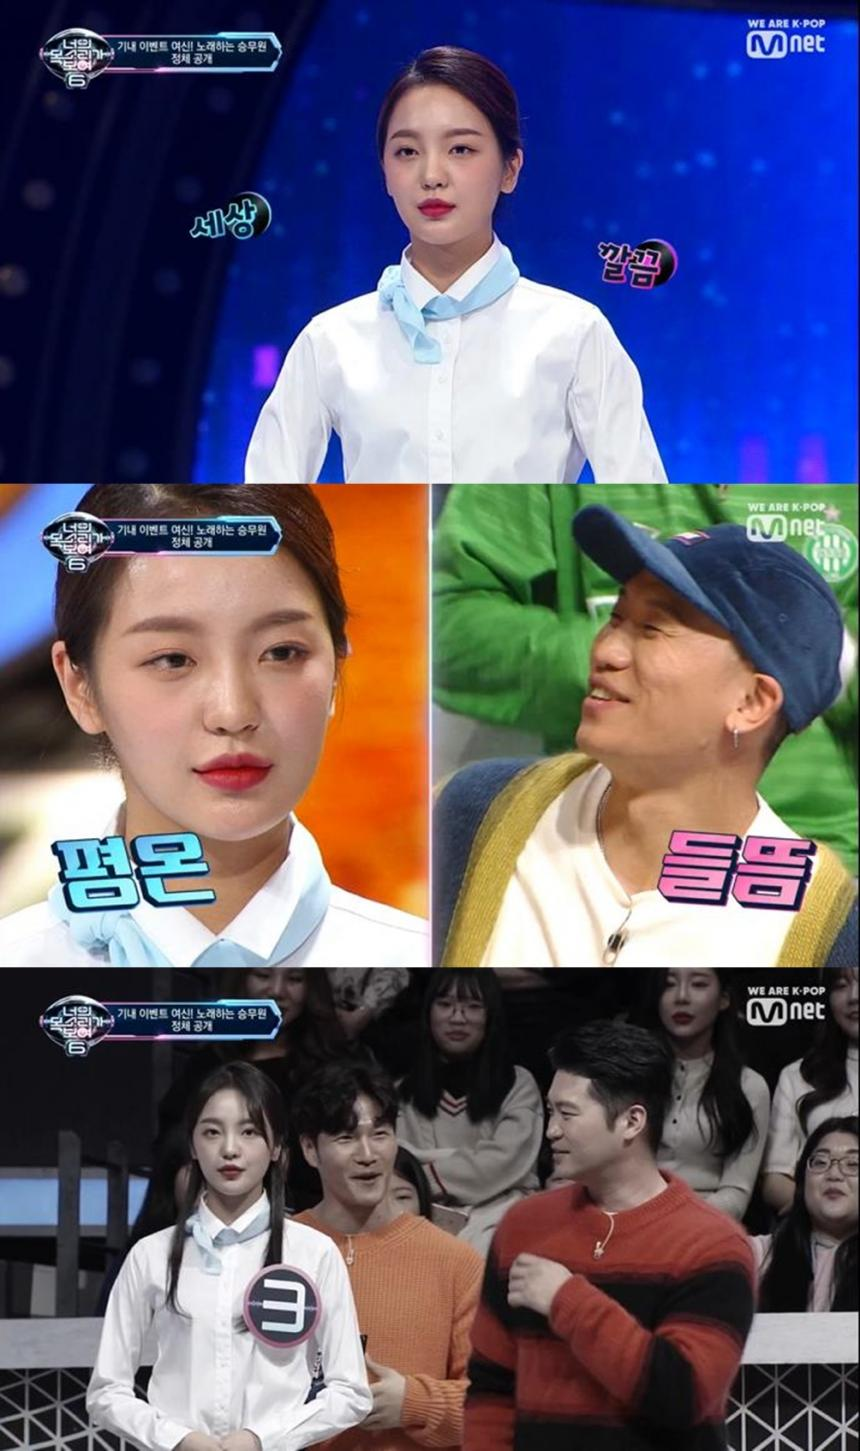 Mnet '너의 목소리가 보여 시즌6' 방송 캡처